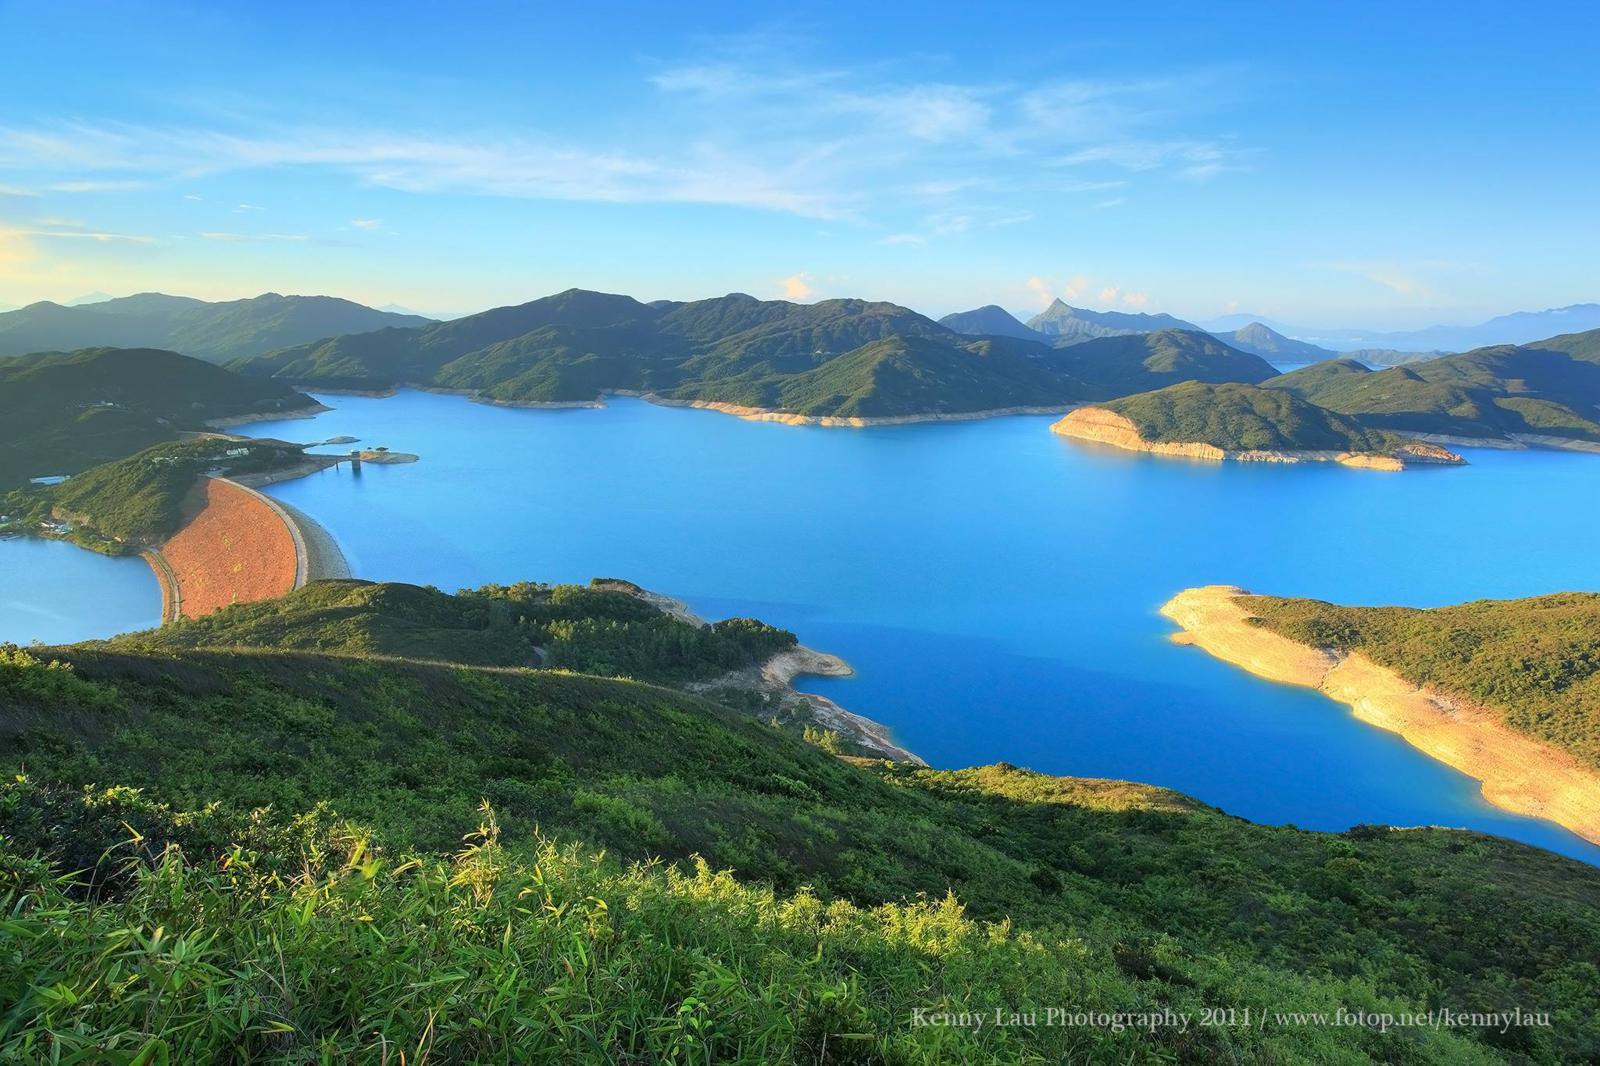 High Island Reservoir seen from Tai She Teng